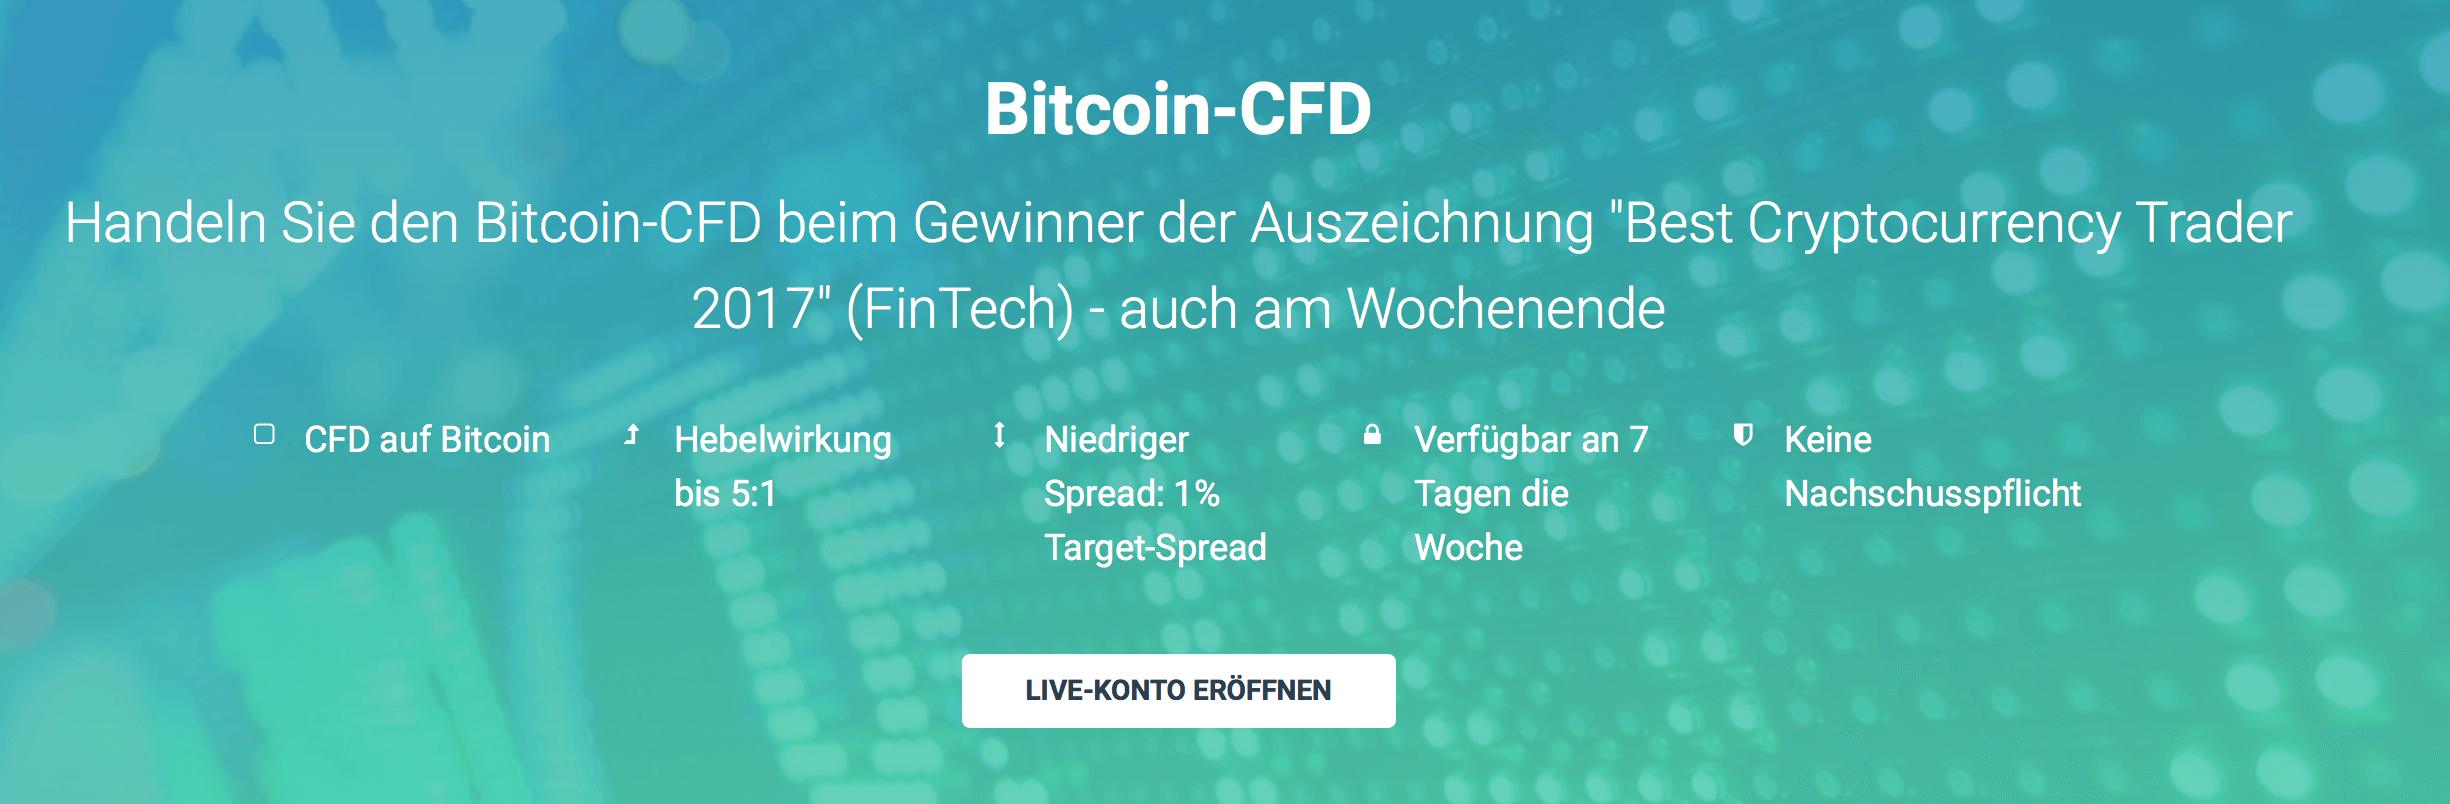 XTB hält Bitcoin-CFD für seine Kunden bereit